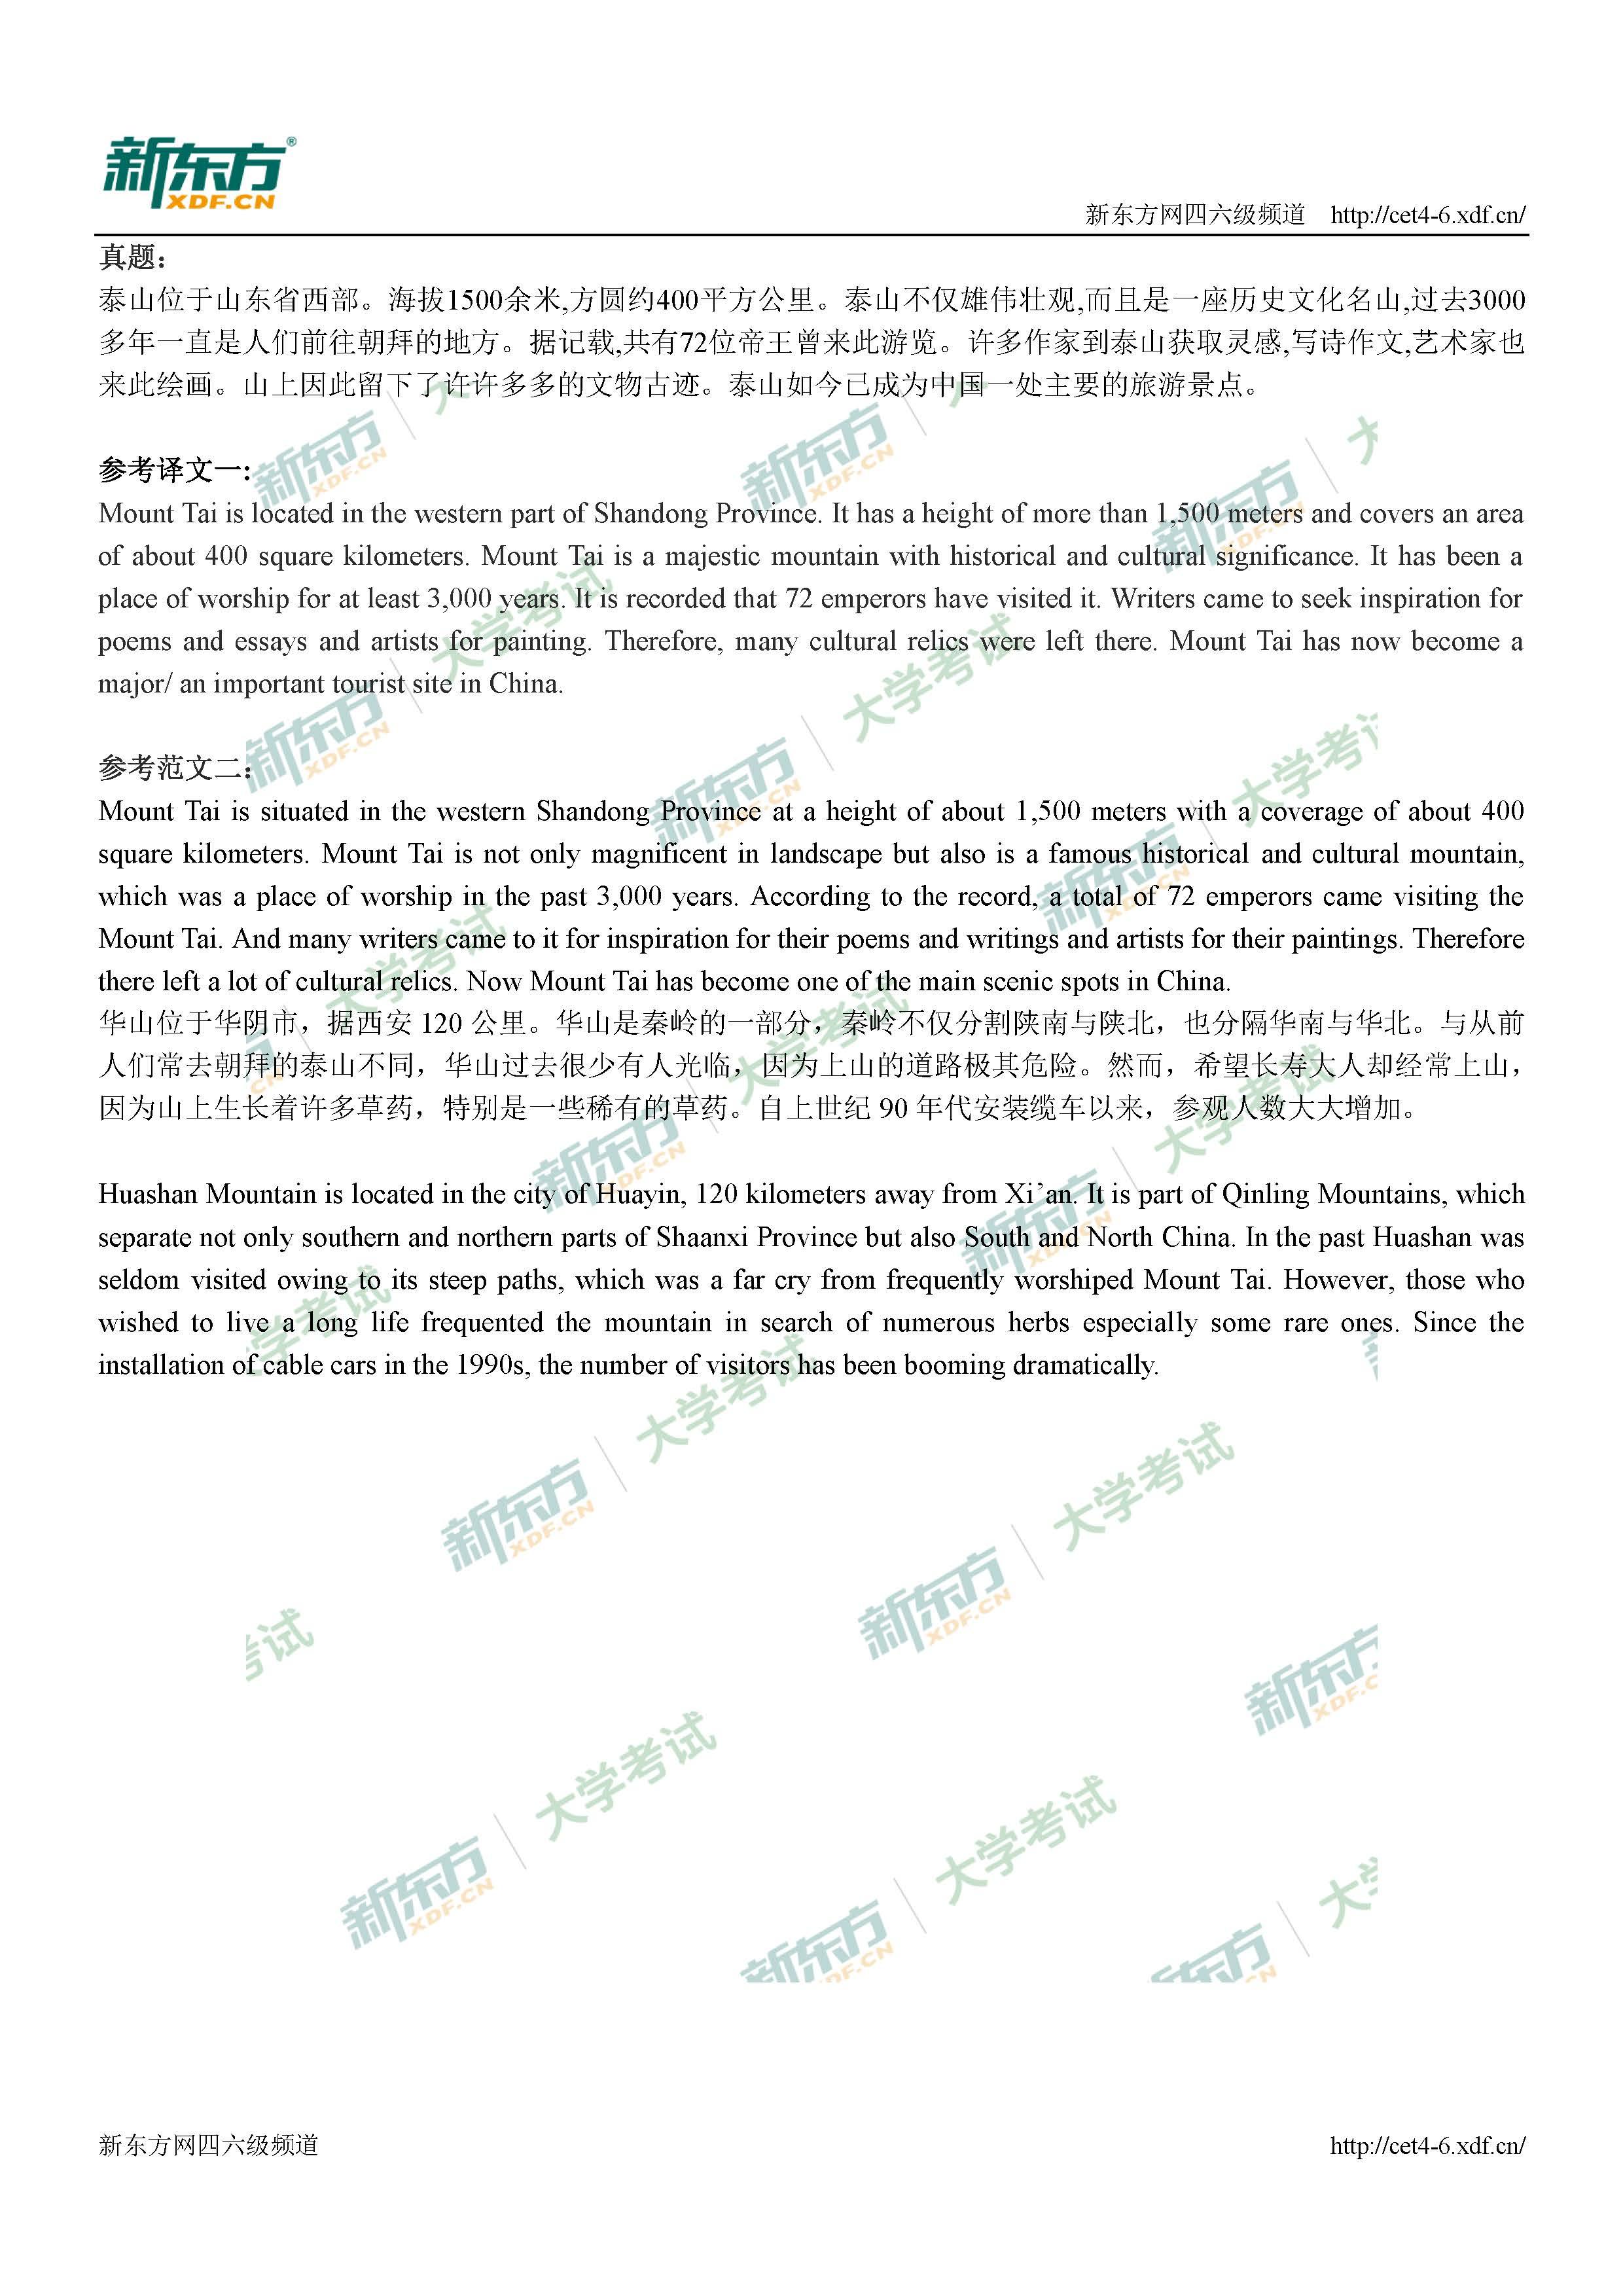 2017年12月英语四级翻译真题华山答案解析(厦门新东方版)